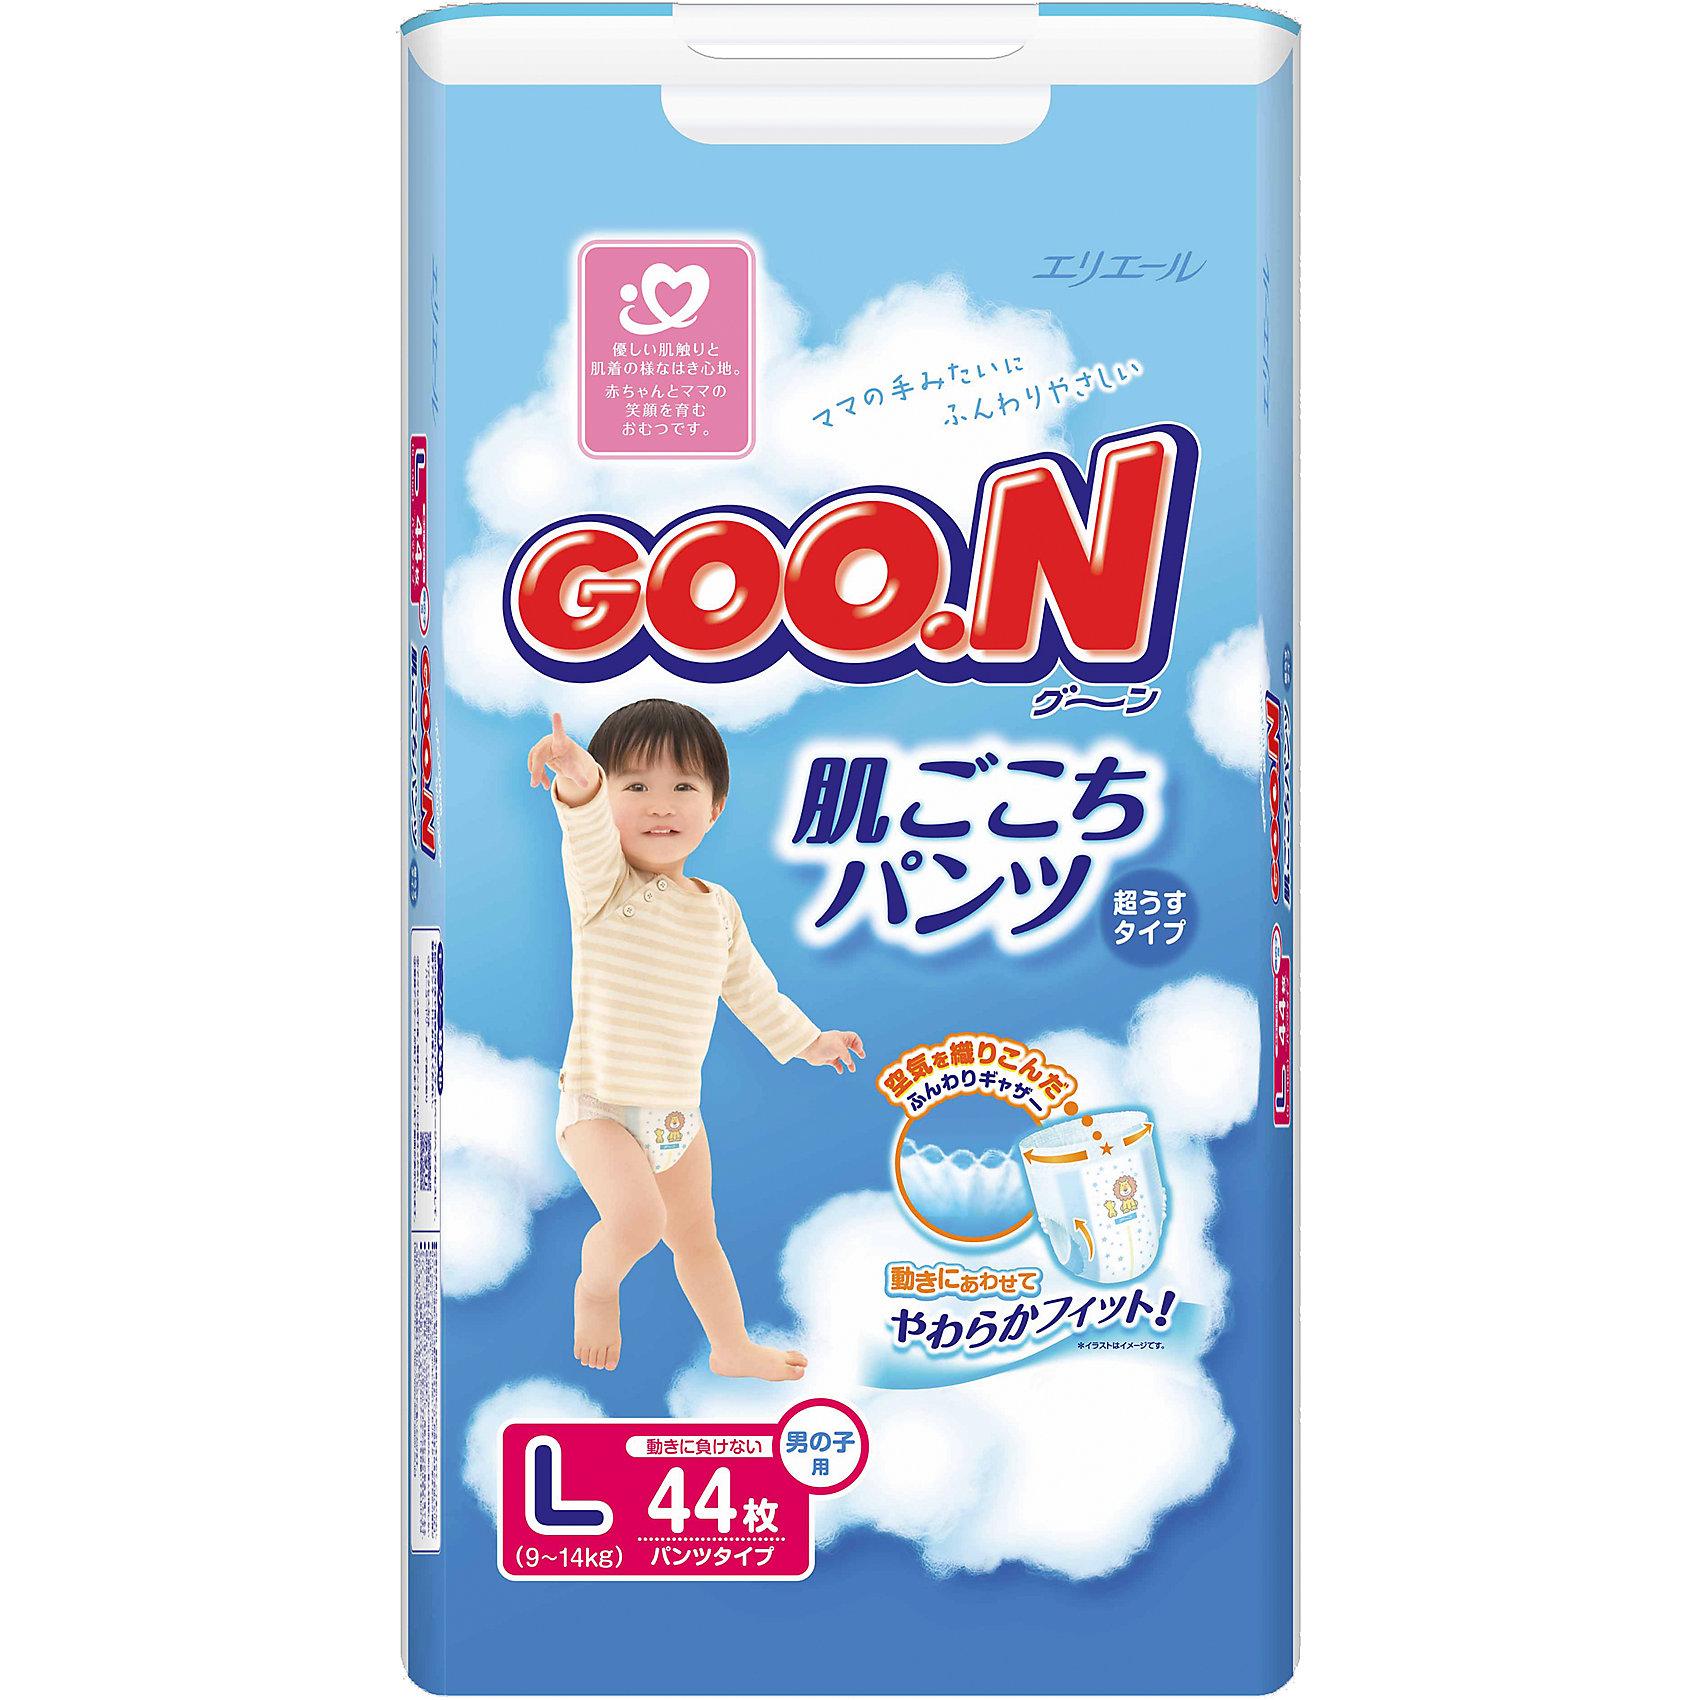 Goon Подгузники-трусики Goon, L 9-14 кг, для мальчиков, 44 шт. goon подгузники ss 0 5 кг 90 шт